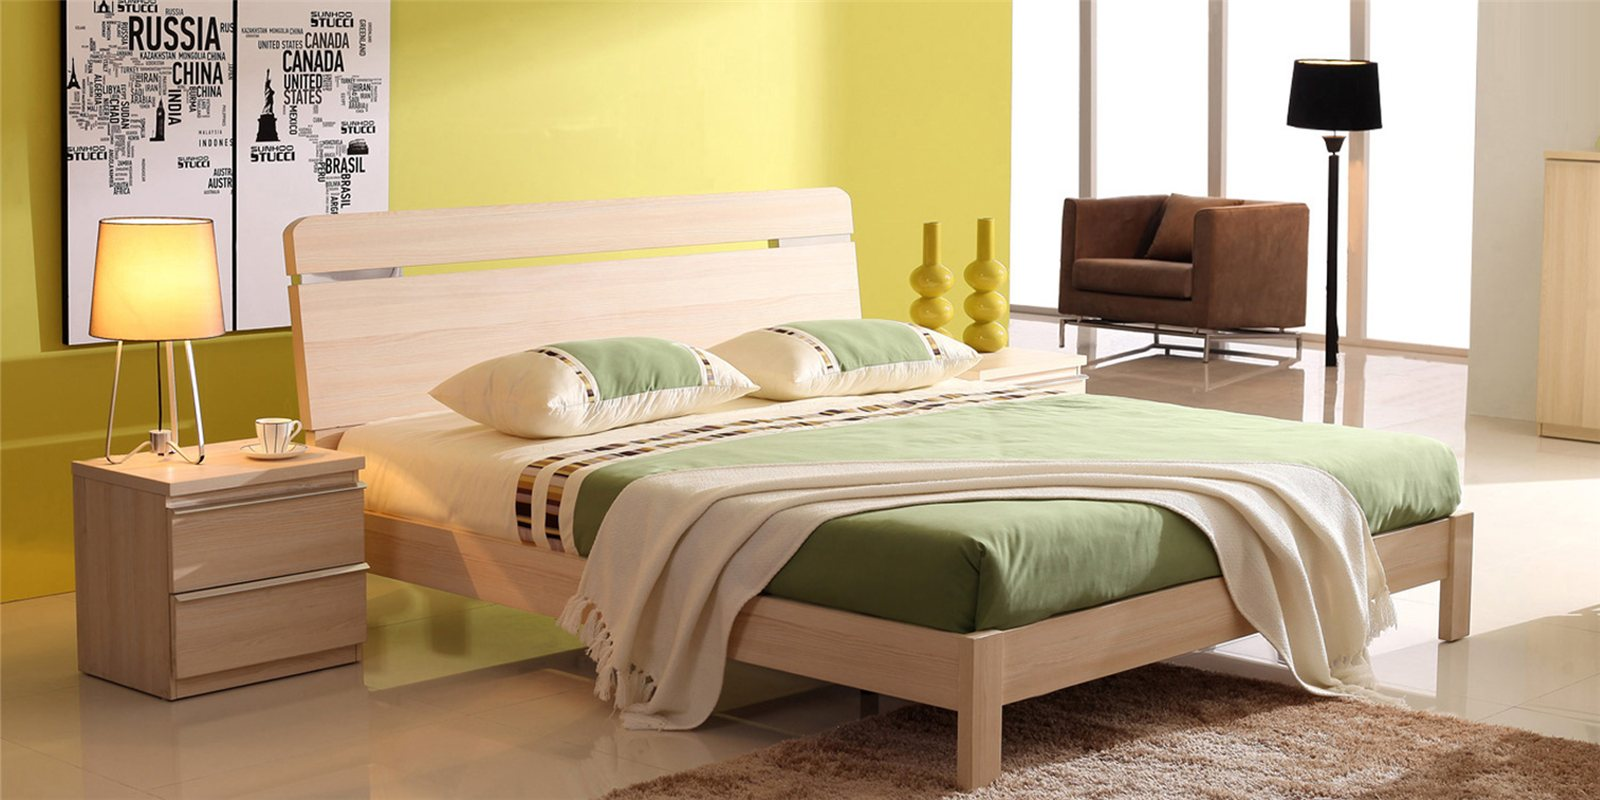 床_卧室-床